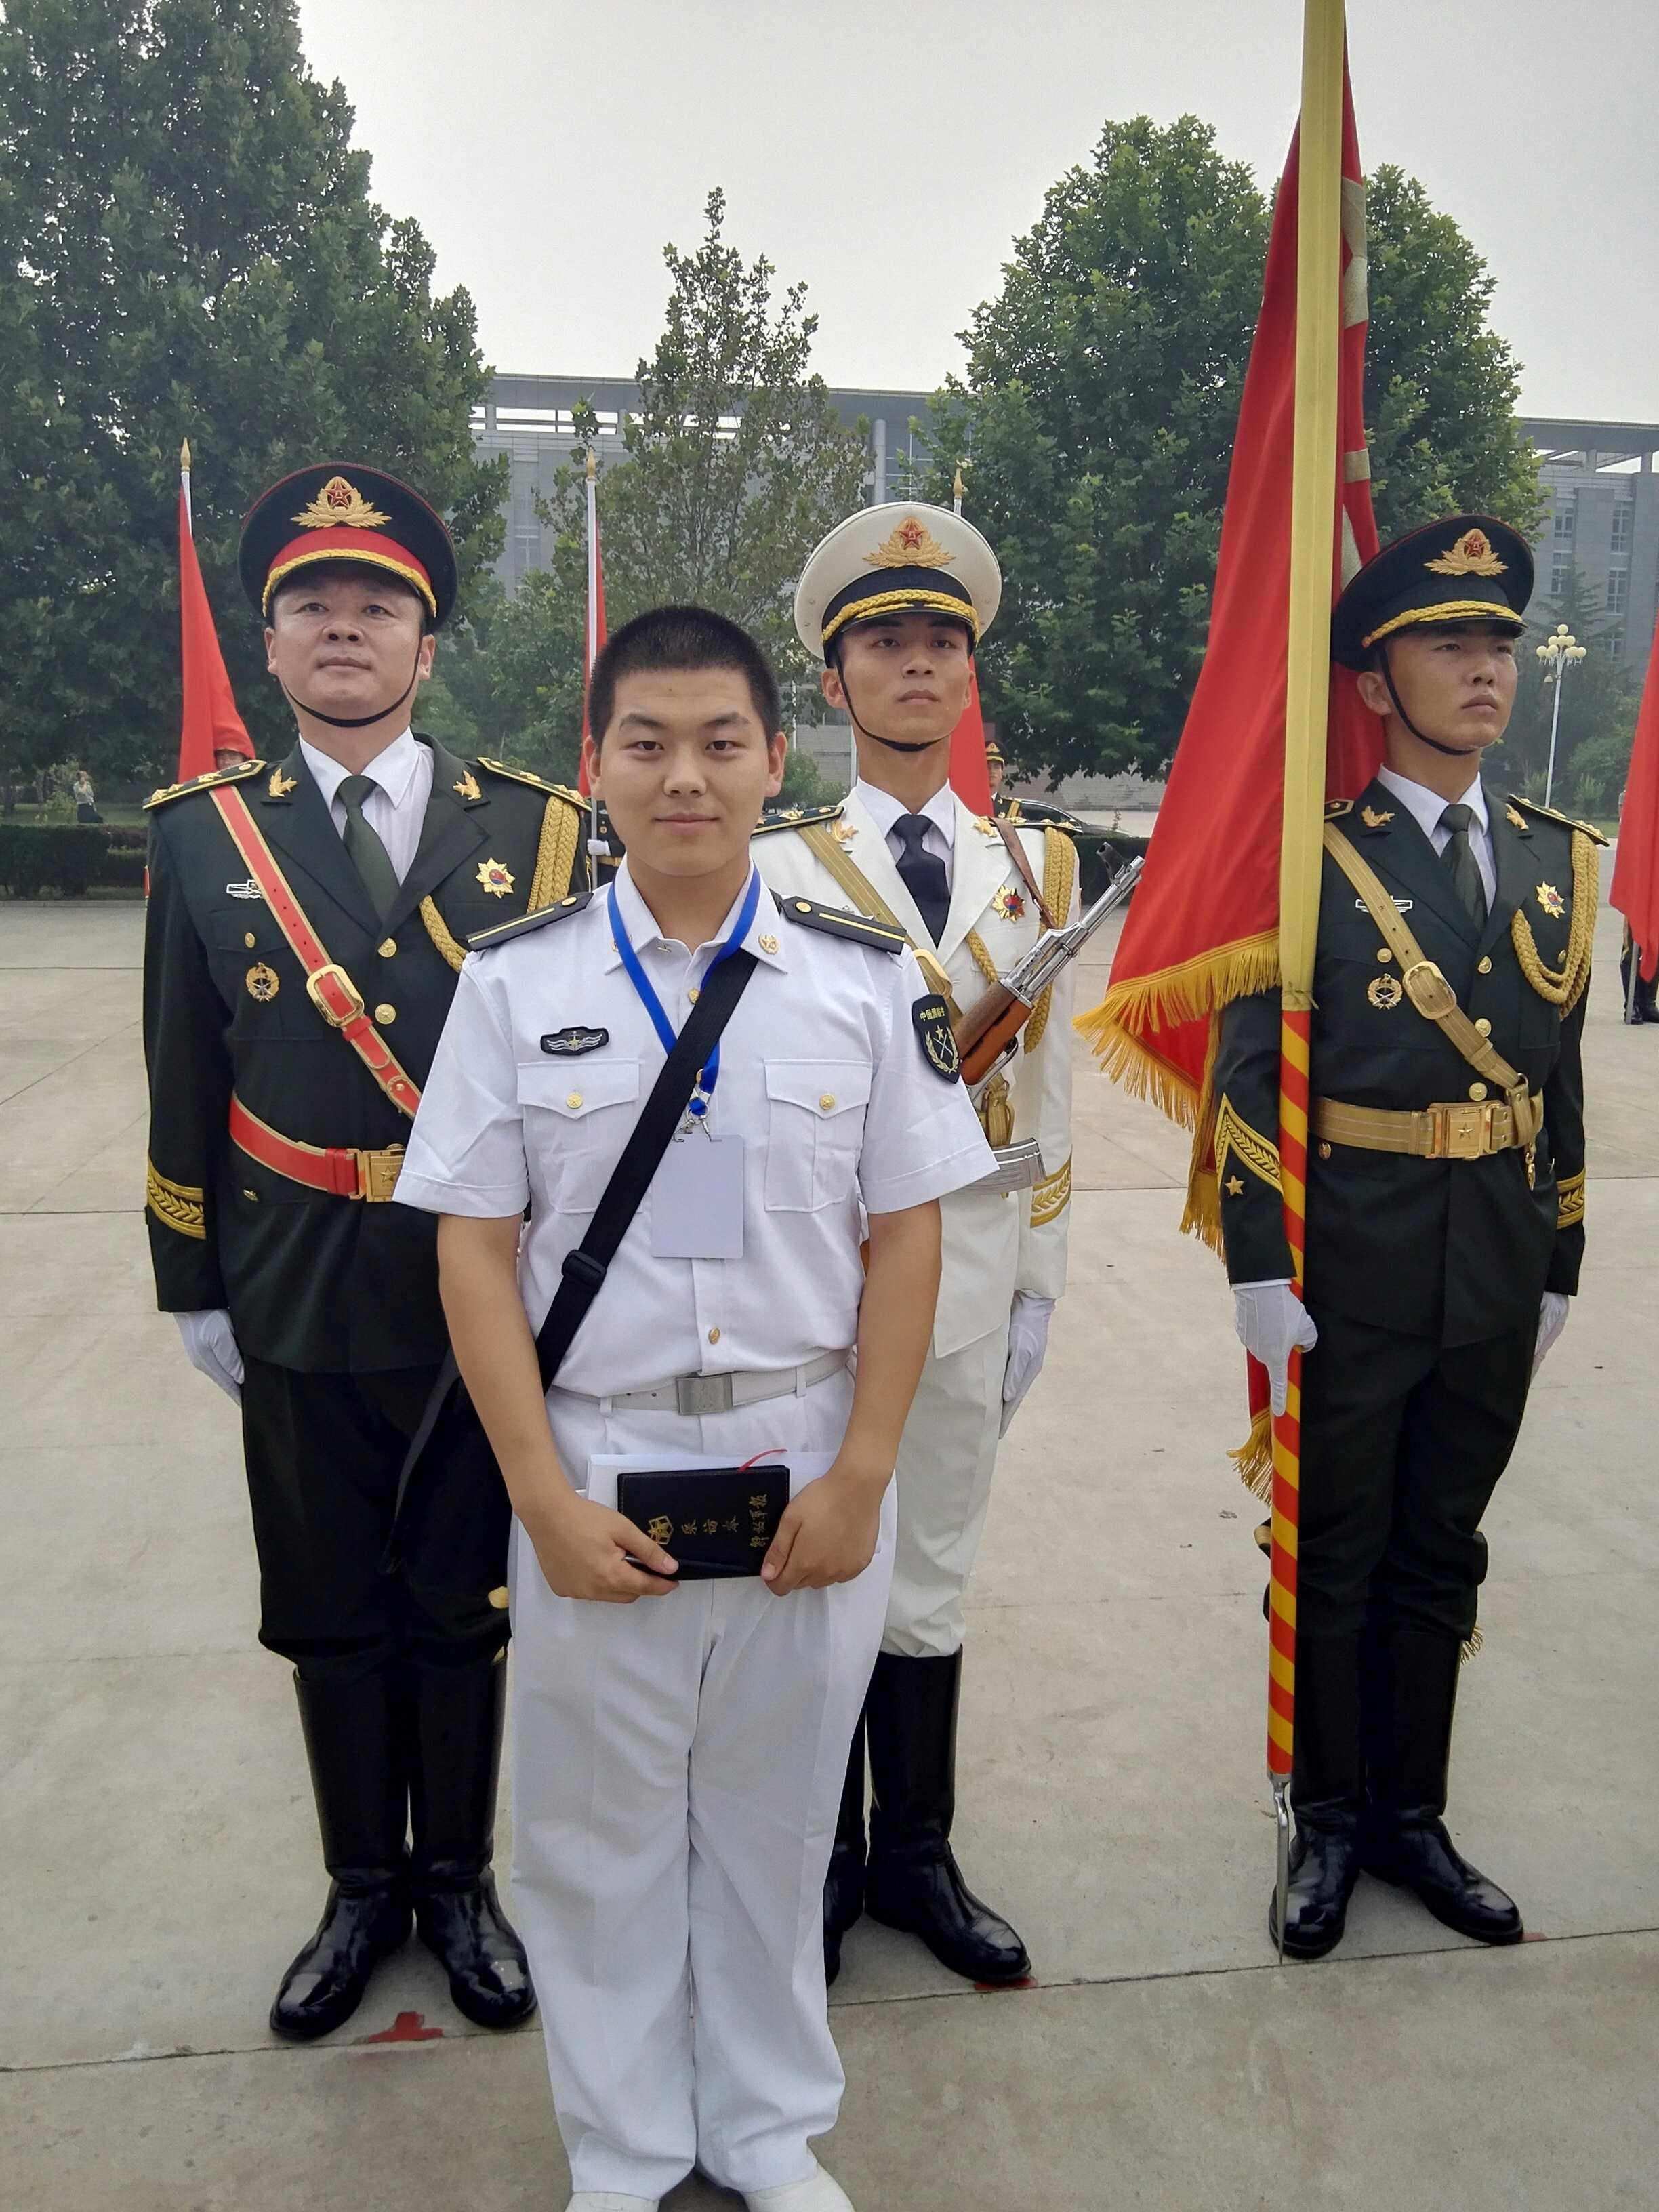 名校国防生的转身:为提升军人学历学位而奋斗